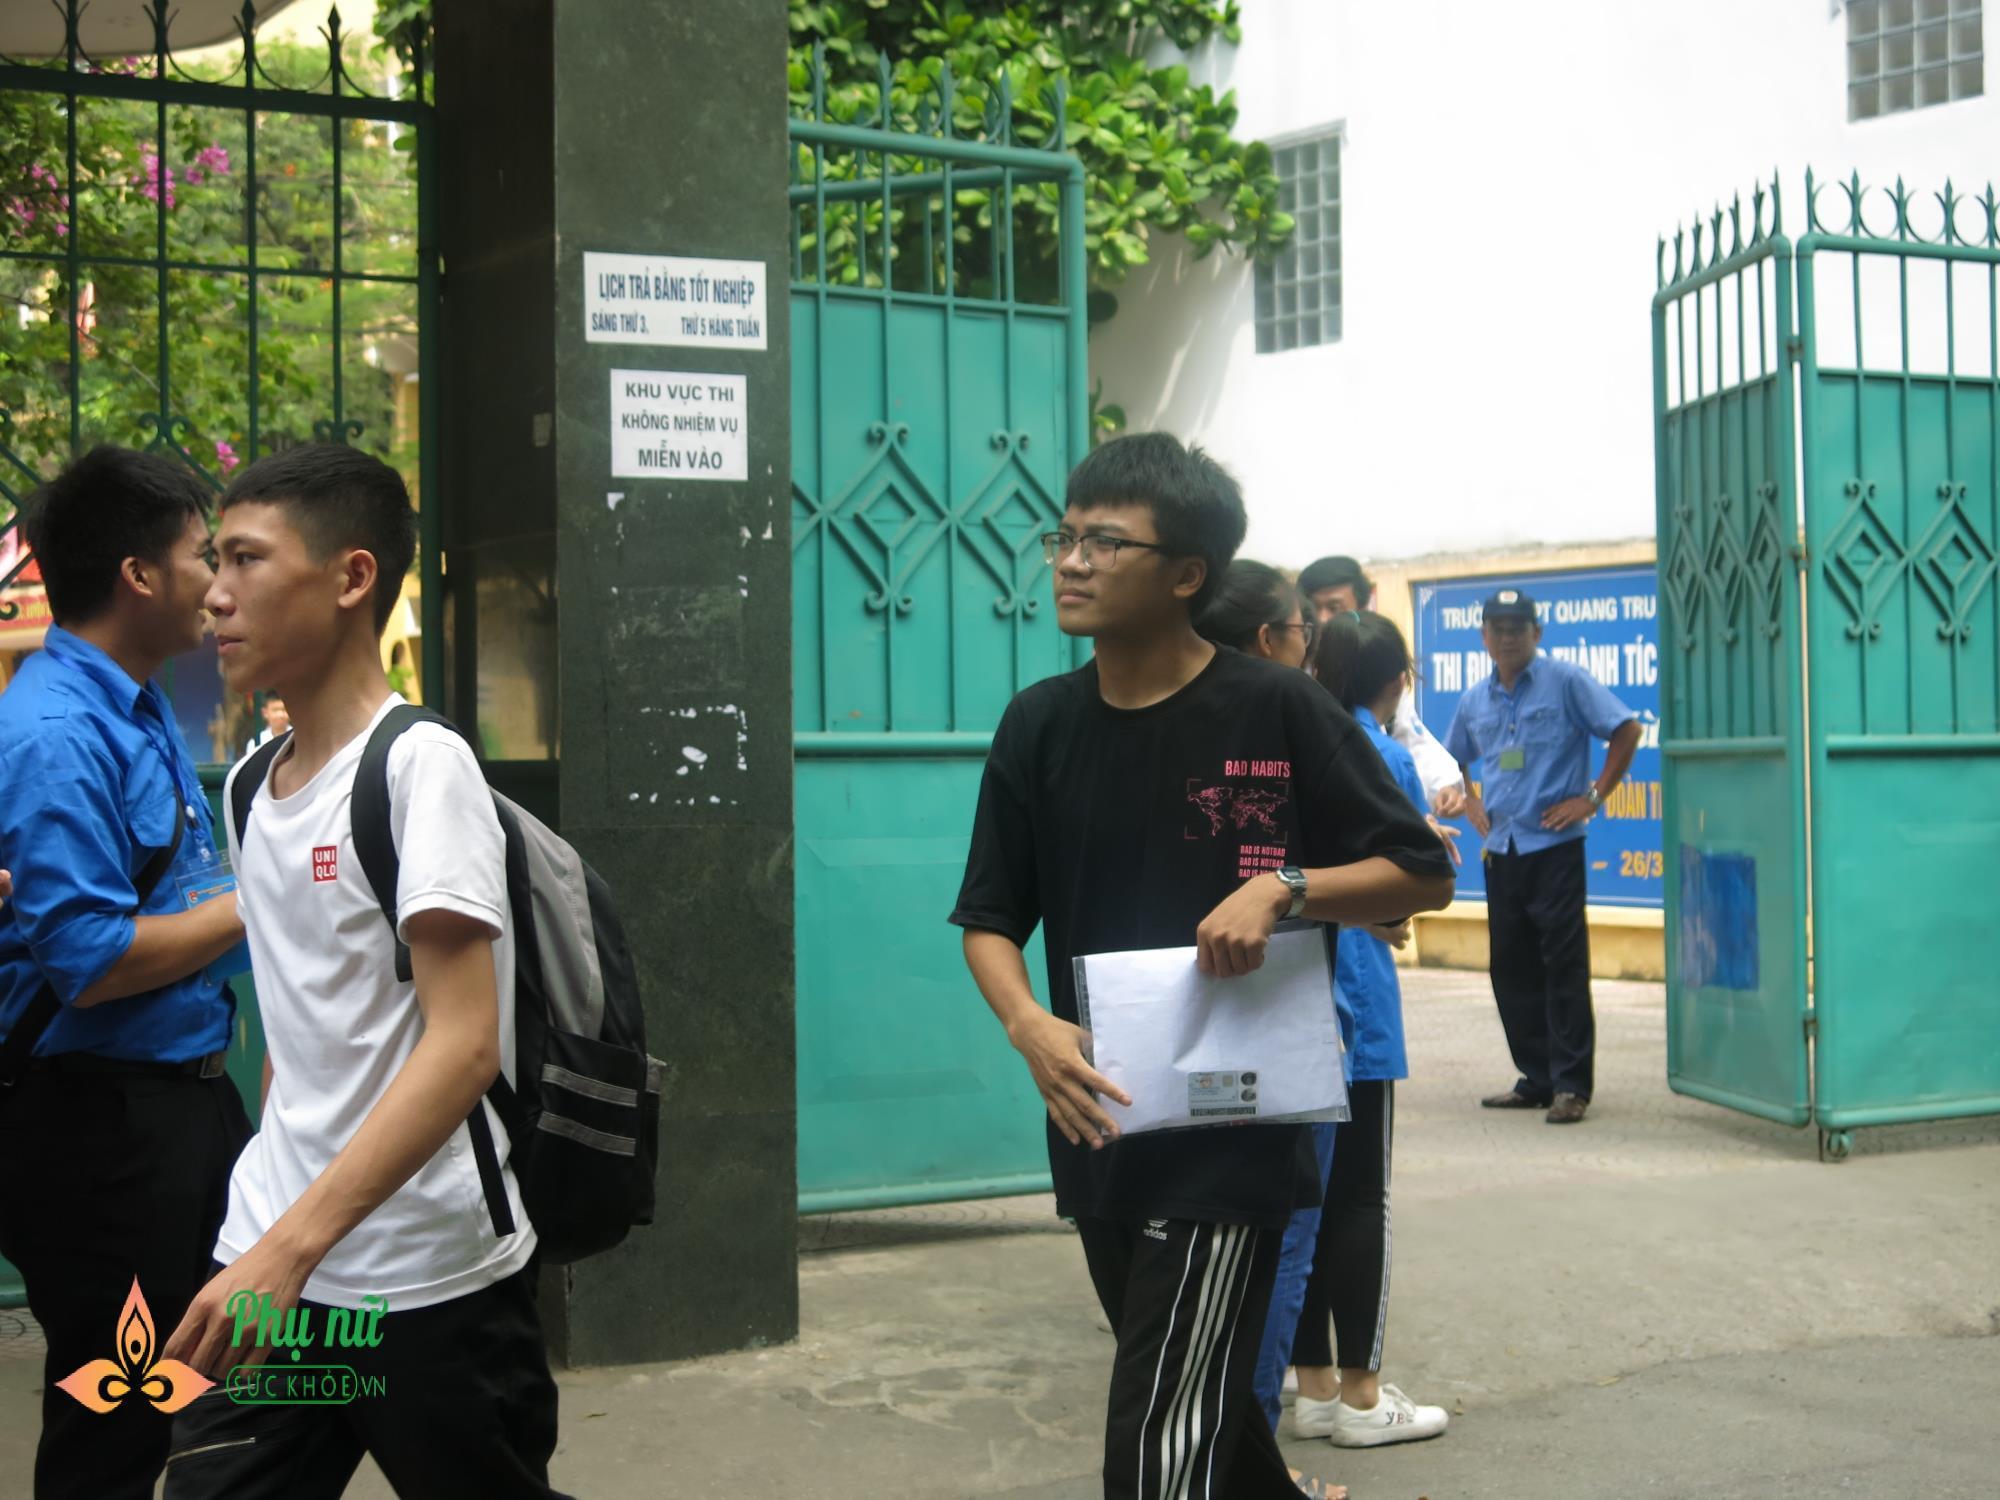 Đình chỉ thí sinh và giám thị ở Phú Thọ để 'lọt' đề thi văn lên MXH - Ảnh 2